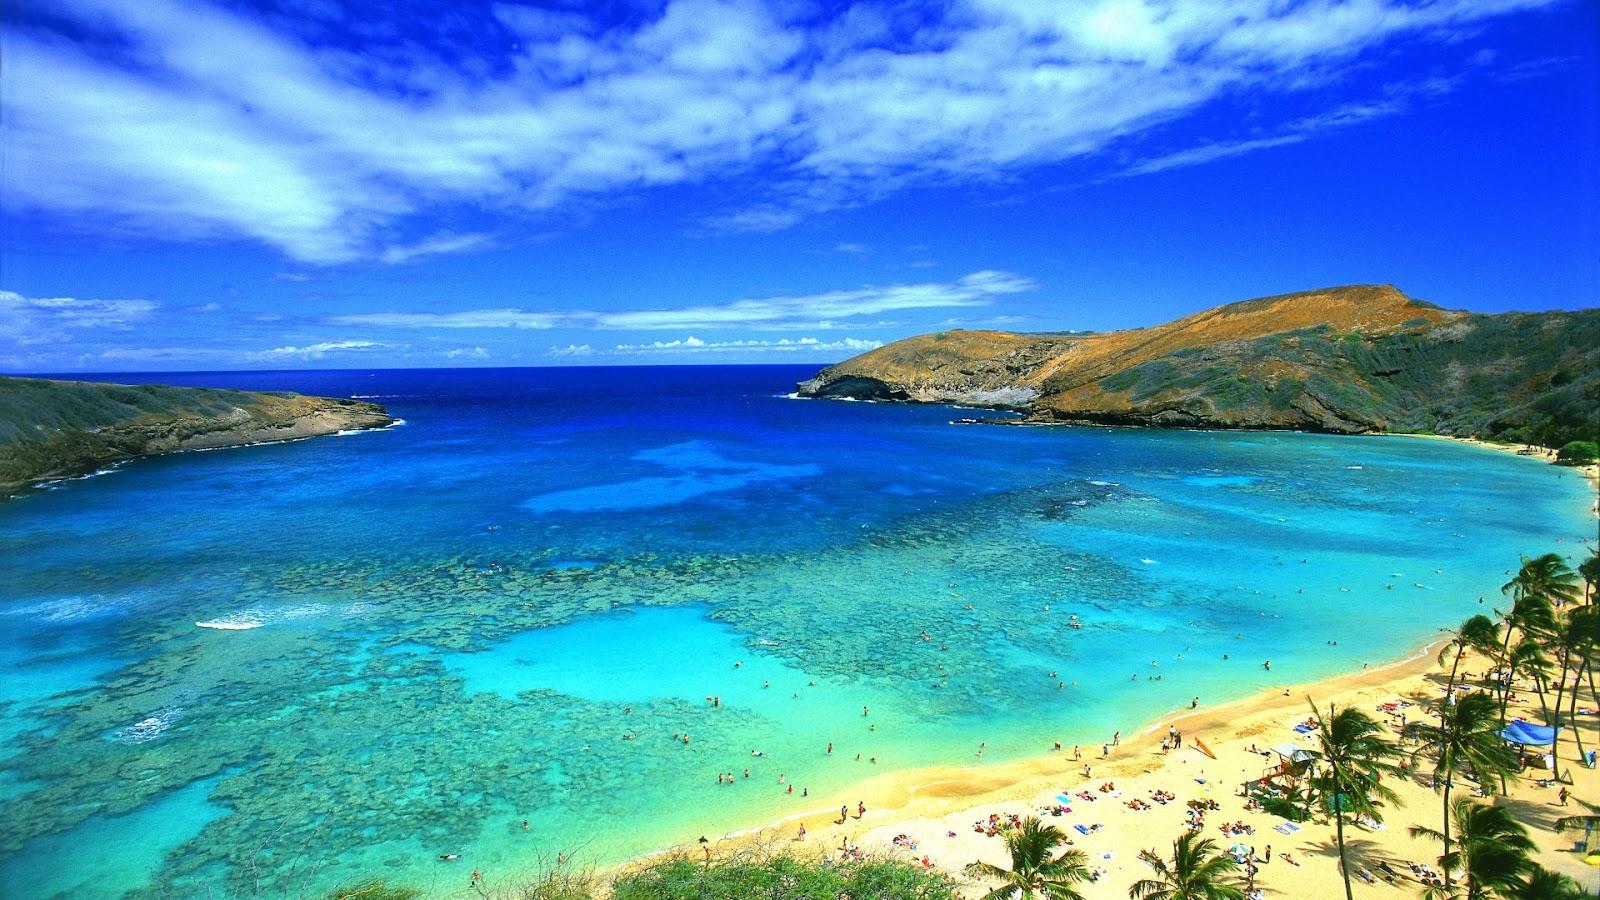 http://2.bp.blogspot.com/-mehgZFt_G_o/UAfDkVFxVbI/AAAAAAAADHs/NZ0Xoxt9nCo/s1600/Hanauma+Bay%252C+Oahu%252C+Hawaii.jpg